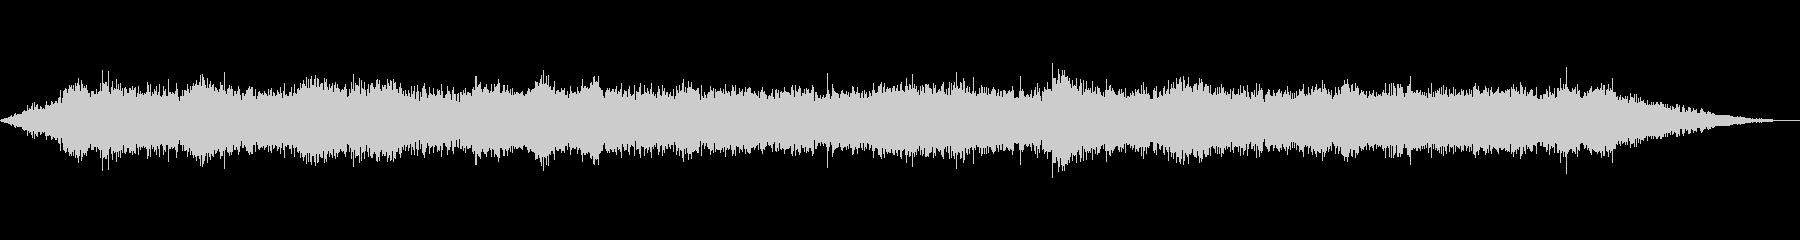 海 波 浜辺 海岸 カモメ等の環境音07の未再生の波形